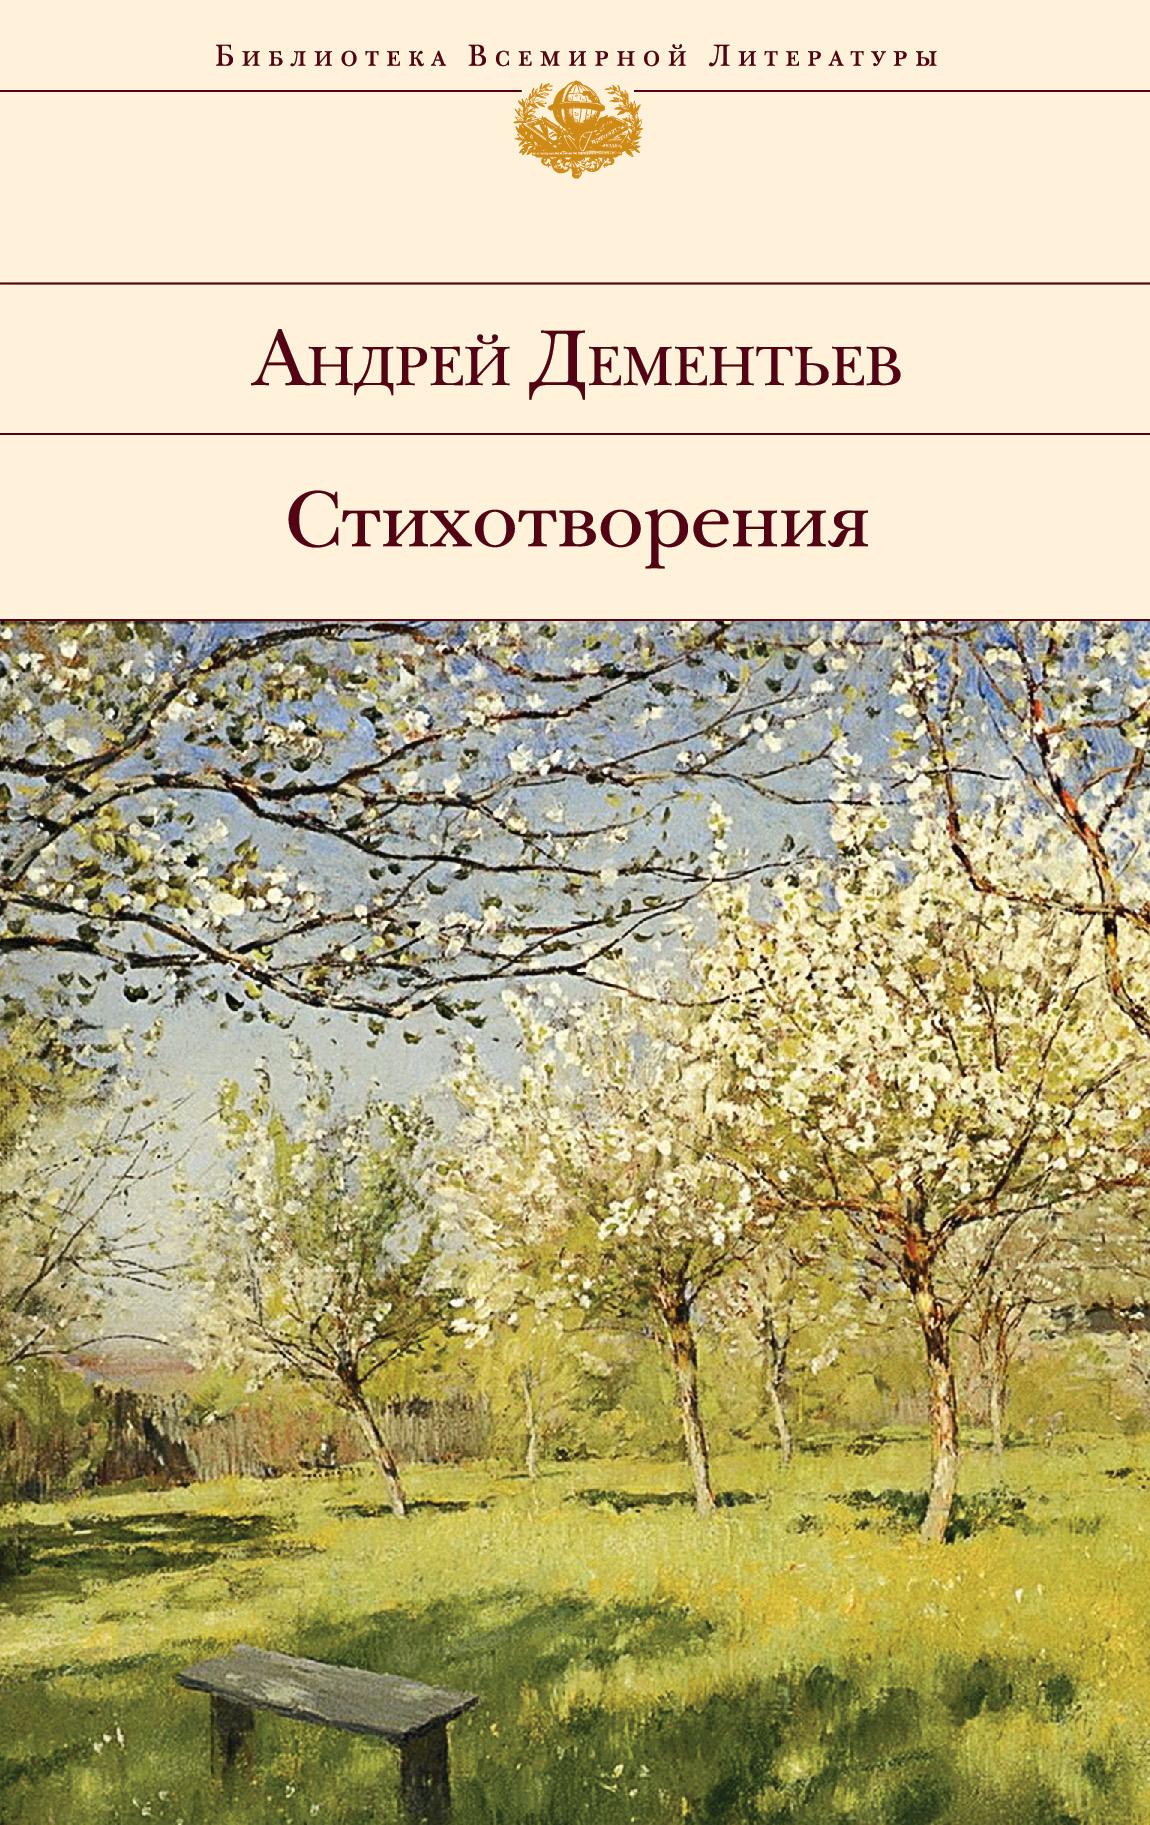 Андрей Дементьев Стихотворения андрей дементьев стихотворения